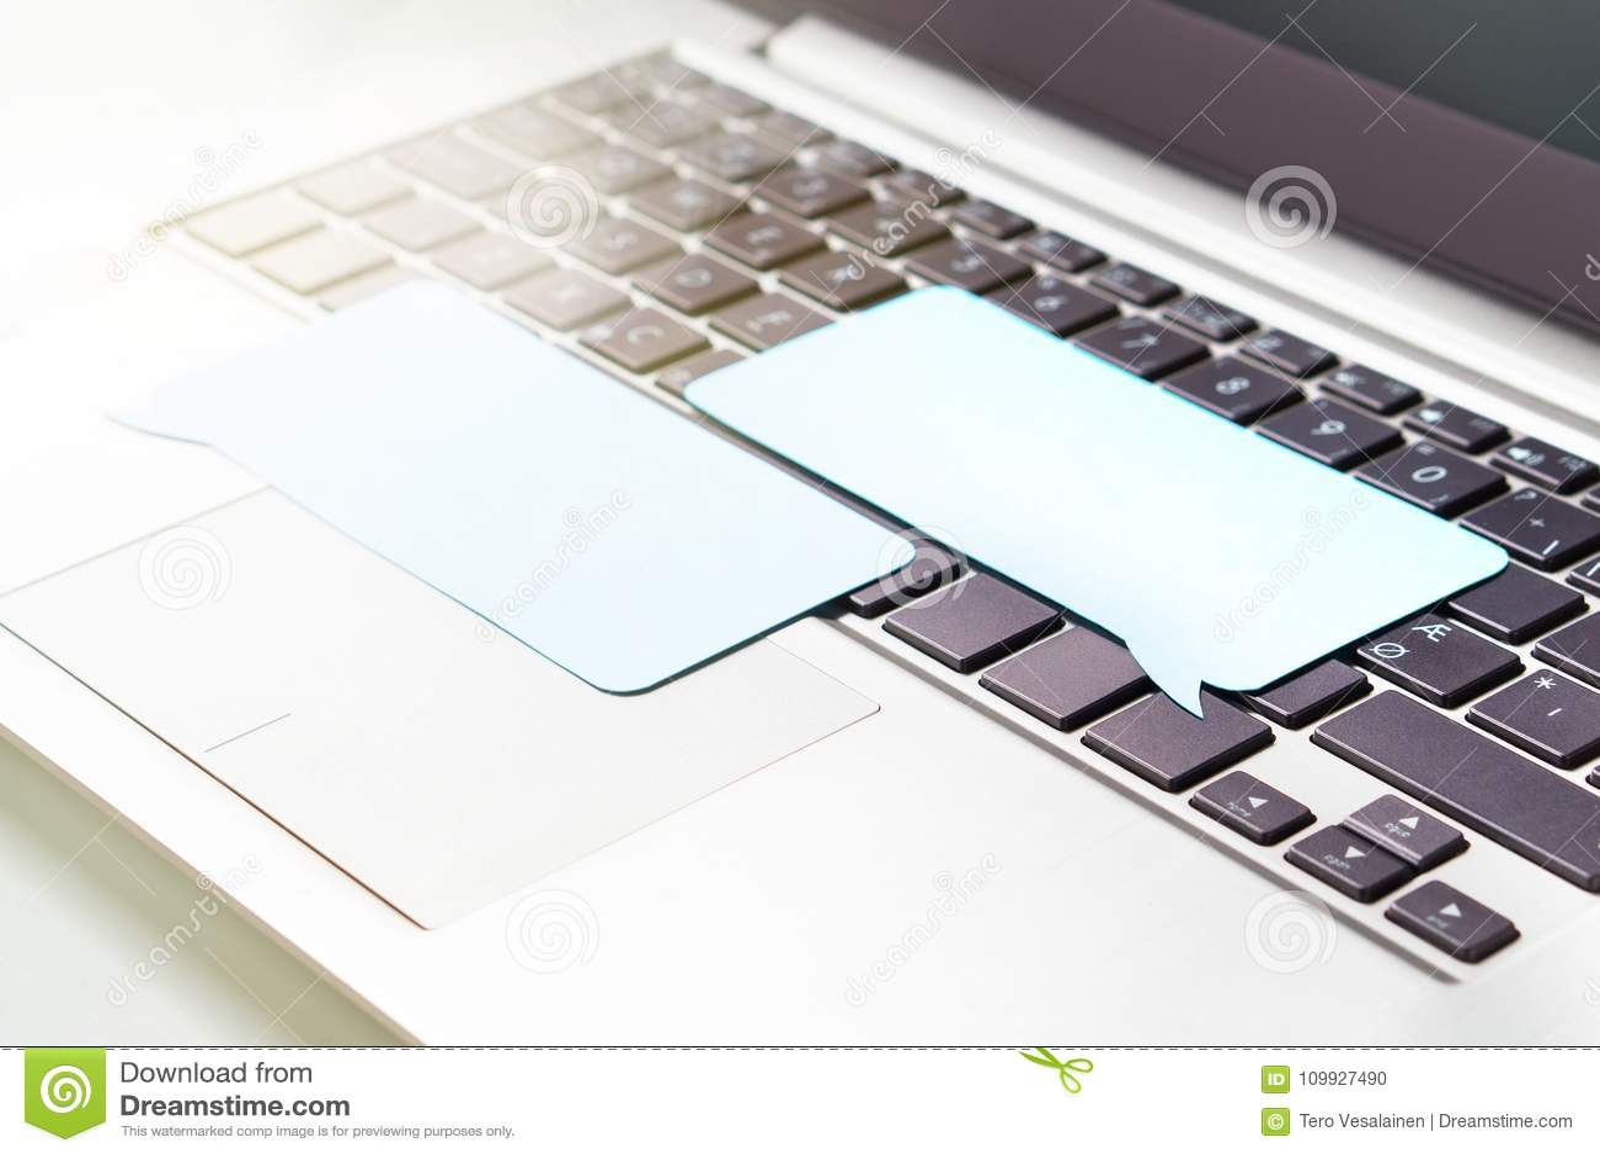 Σε απευθείας σύνδεση ανακοίνωση, που κουβεντιάζει σχετικά με τα κοινωνικά μέσα ή που σχολιάζει